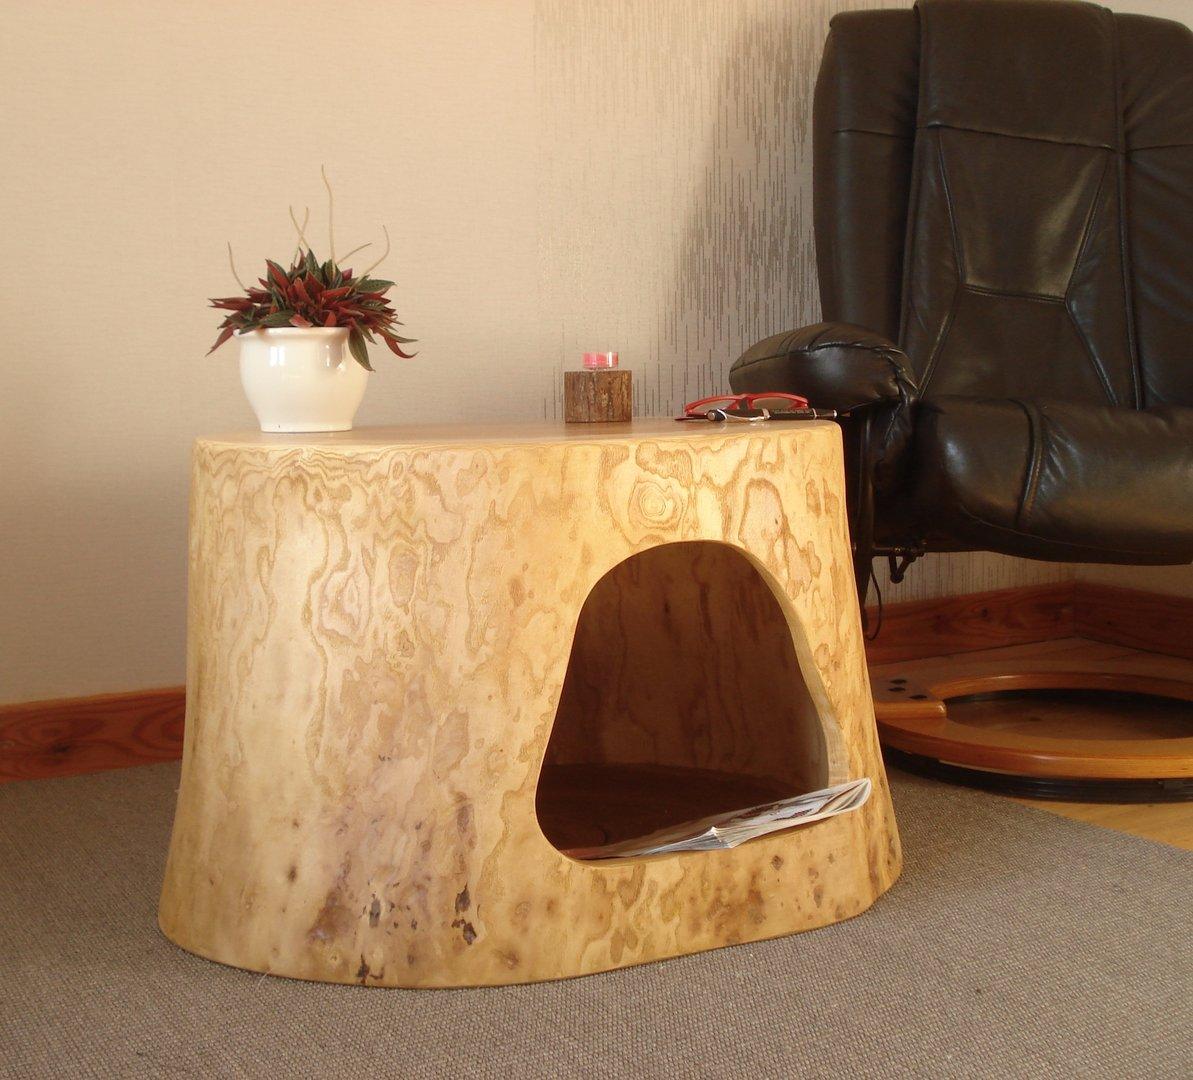 baumstamm aush hlen s ule kaufen. Black Bedroom Furniture Sets. Home Design Ideas